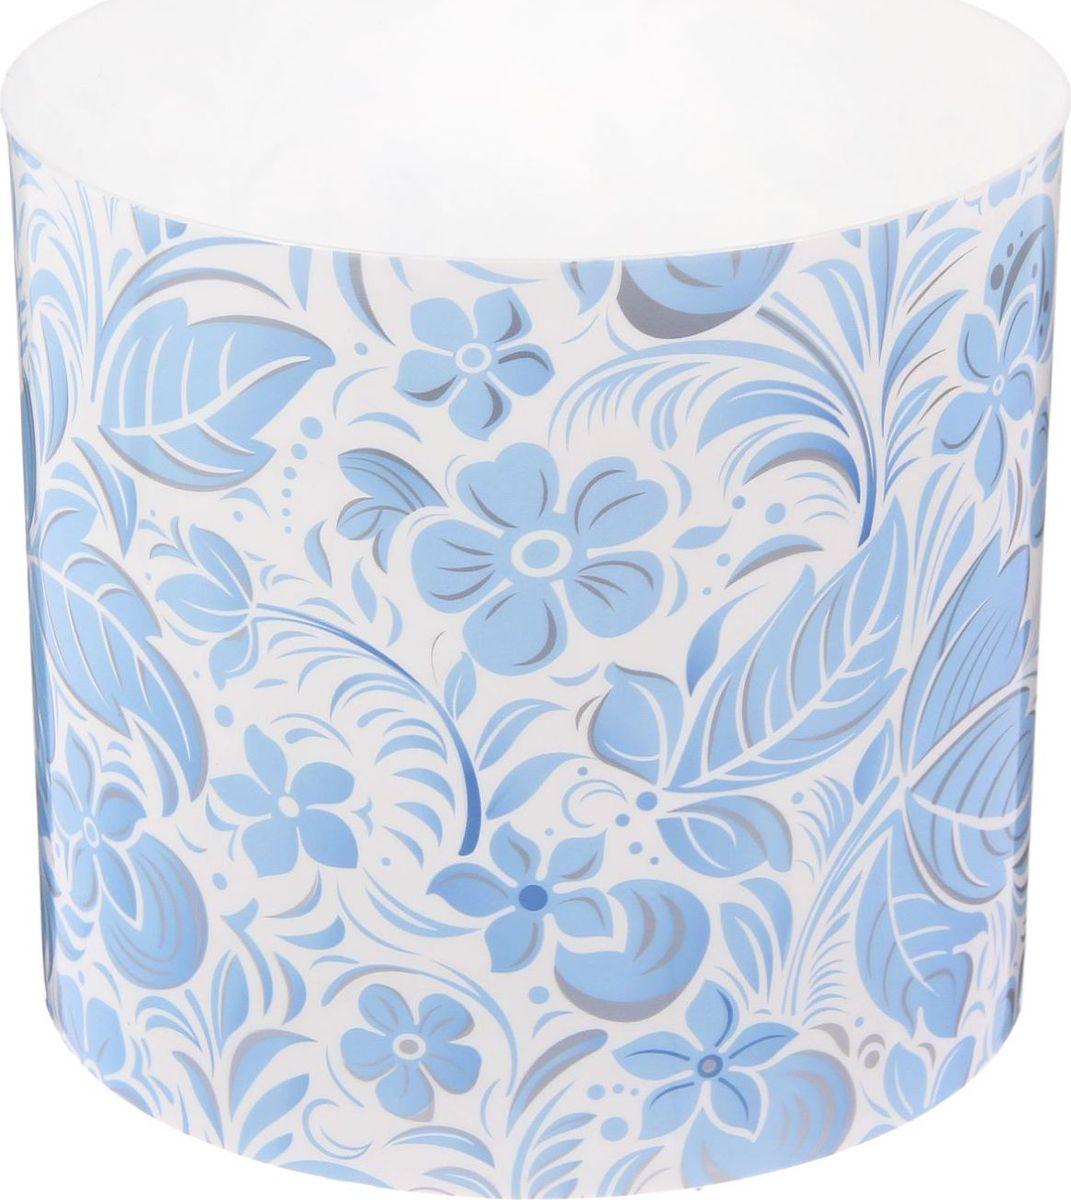 Горшок для цветов Simple Garden Листочки-цветочки, со скрытым поддоном, цвет: голубой, 2,8 л2265050Любой, даже самый современный и продуманный интерьер будет незавершённым без растений. Они не только очищают воздух и насыщают его кислородом, но и украшают окружающее пространство. Такому полезному члену семьи просто необходим красивый и функциональный дом! Мы предлагаем #name#! Оптимальный выбор материала — пластмасса! Почему мы так считаем?Малый вес. С лёгкостью переносите горшки и кашпо с места на место, ставьте их на столики или полки, не беспокоясь о нагрузке. Простота ухода. Кашпо не нуждается в специальных условиях хранения. Его легко чистить — достаточно просто сполоснуть тёплой водой. Никаких потёртостей. Такие кашпо не царапают и не загрязняют поверхности, на которых стоят. Пластик дольше хранит влагу, а значит, растение реже нуждается в поливе. Пластмасса не пропускает воздух — корневой системе растения не грозят резкие перепады температур. Огромный выбор форм, декора и расцветок — вы без труда найдёте что-то, что идеально впишется в уже существующий интерьер. Соблюдая нехитрые правила ухода, вы можете заметно продлить срок службы горшков и кашпо из пластика:всегда учитывайте размер кроны и корневой системы (при разрастании большое растение способно повредить маленький горшок)берегите изделие от воздействия прямых солнечных лучей, чтобы горшки не выцветалидержите кашпо из пластика подальше от нагревающихся поверхностей. Создавайте прекрасные цветочные композиции, выращивайте рассаду или необычные растения.